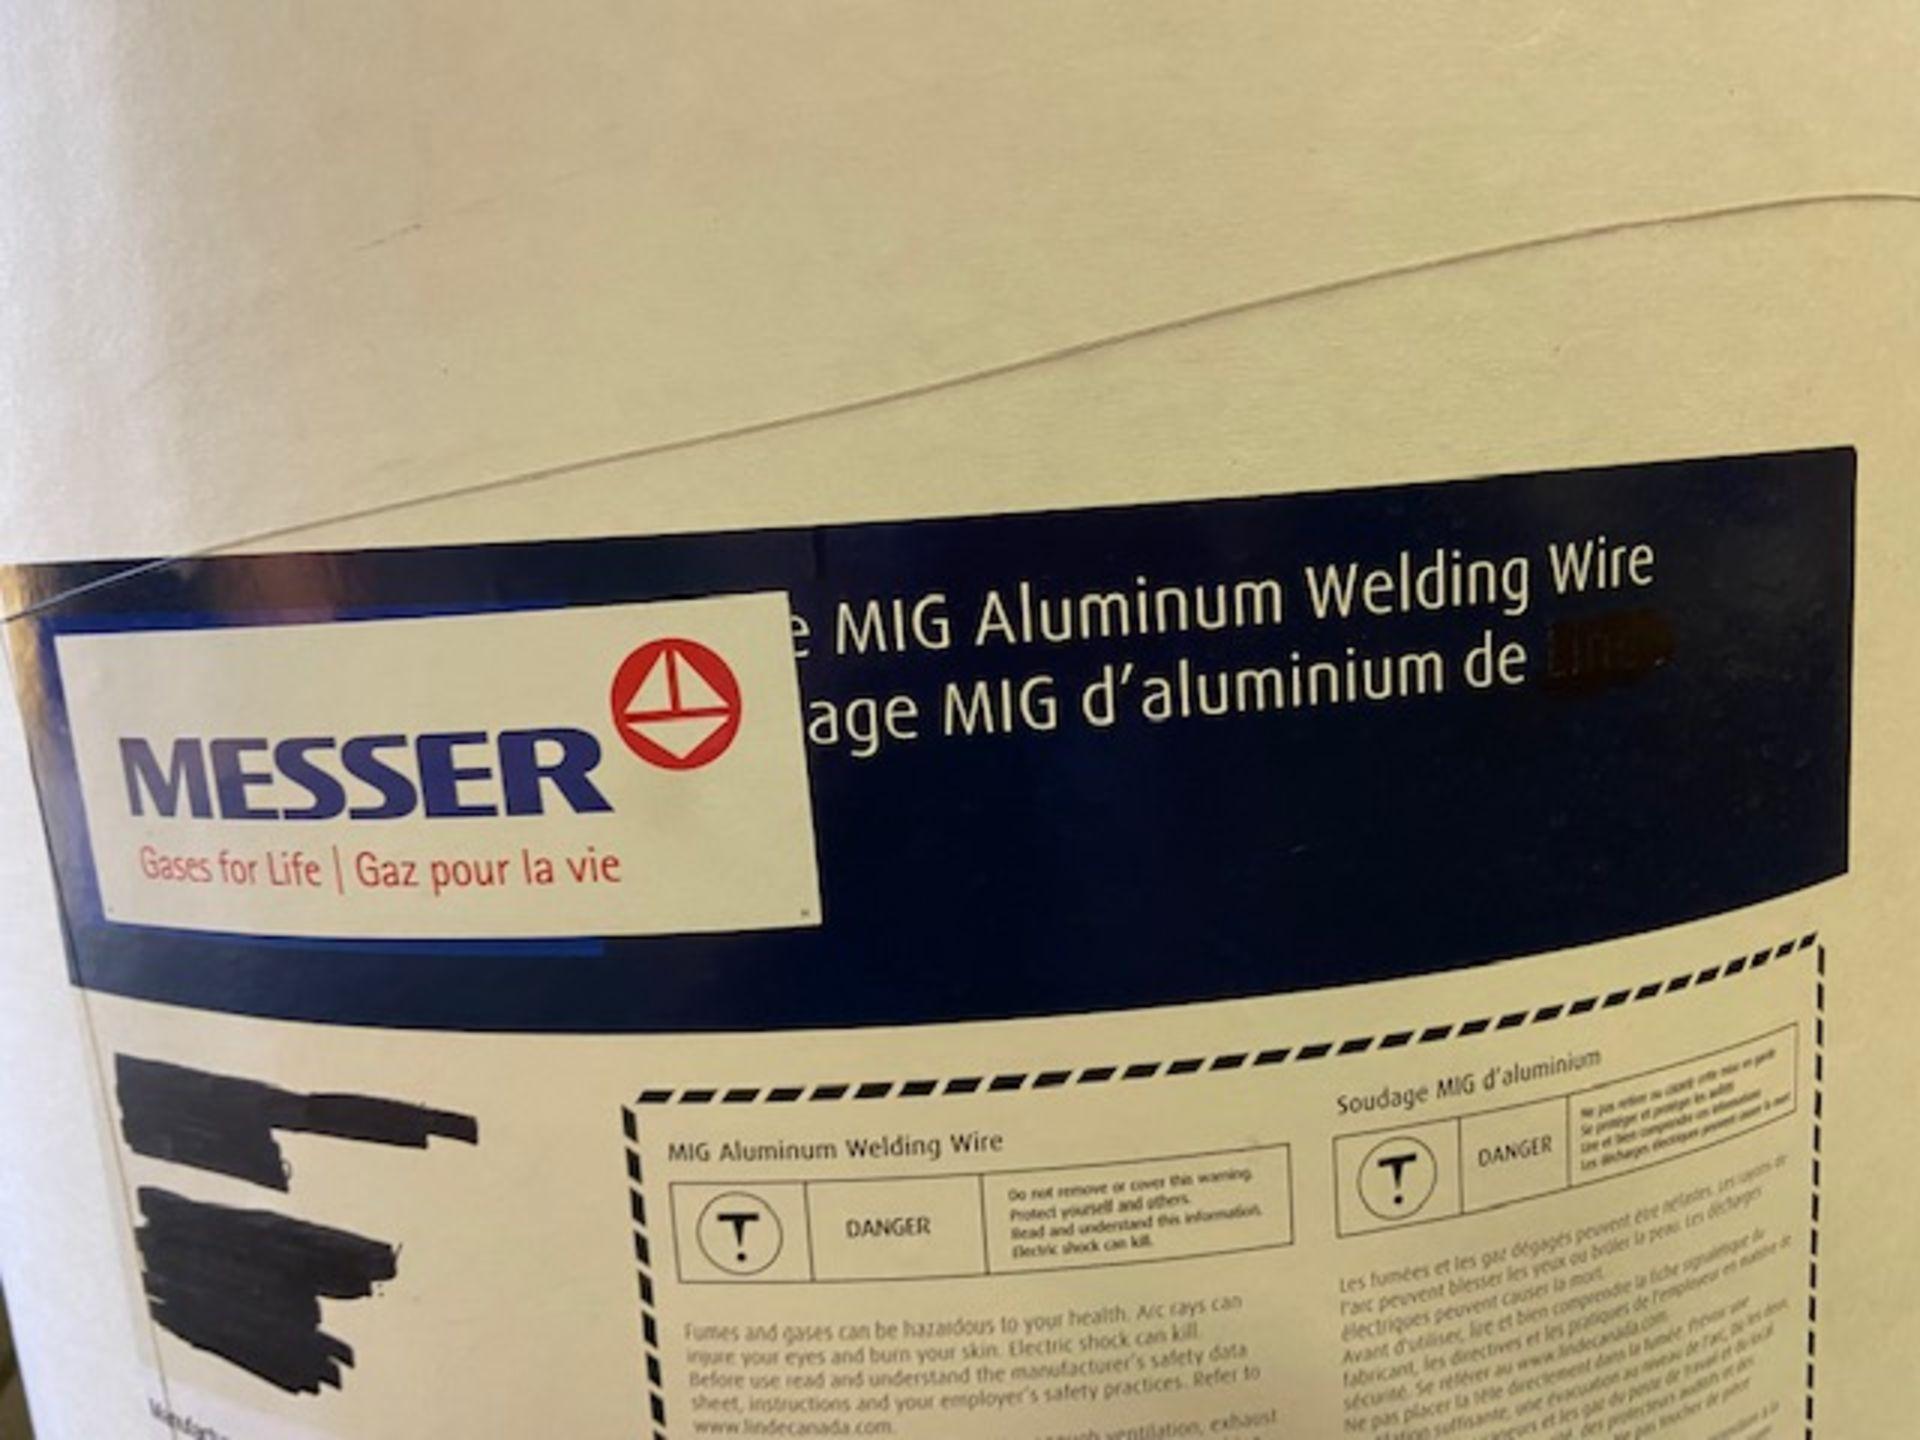 """Messer Linde Mig Welding Wire Aluminum DRUM Barrel 150lbs 3/64"""" ER 3043 - made in Switzerland - Image 2 of 3"""